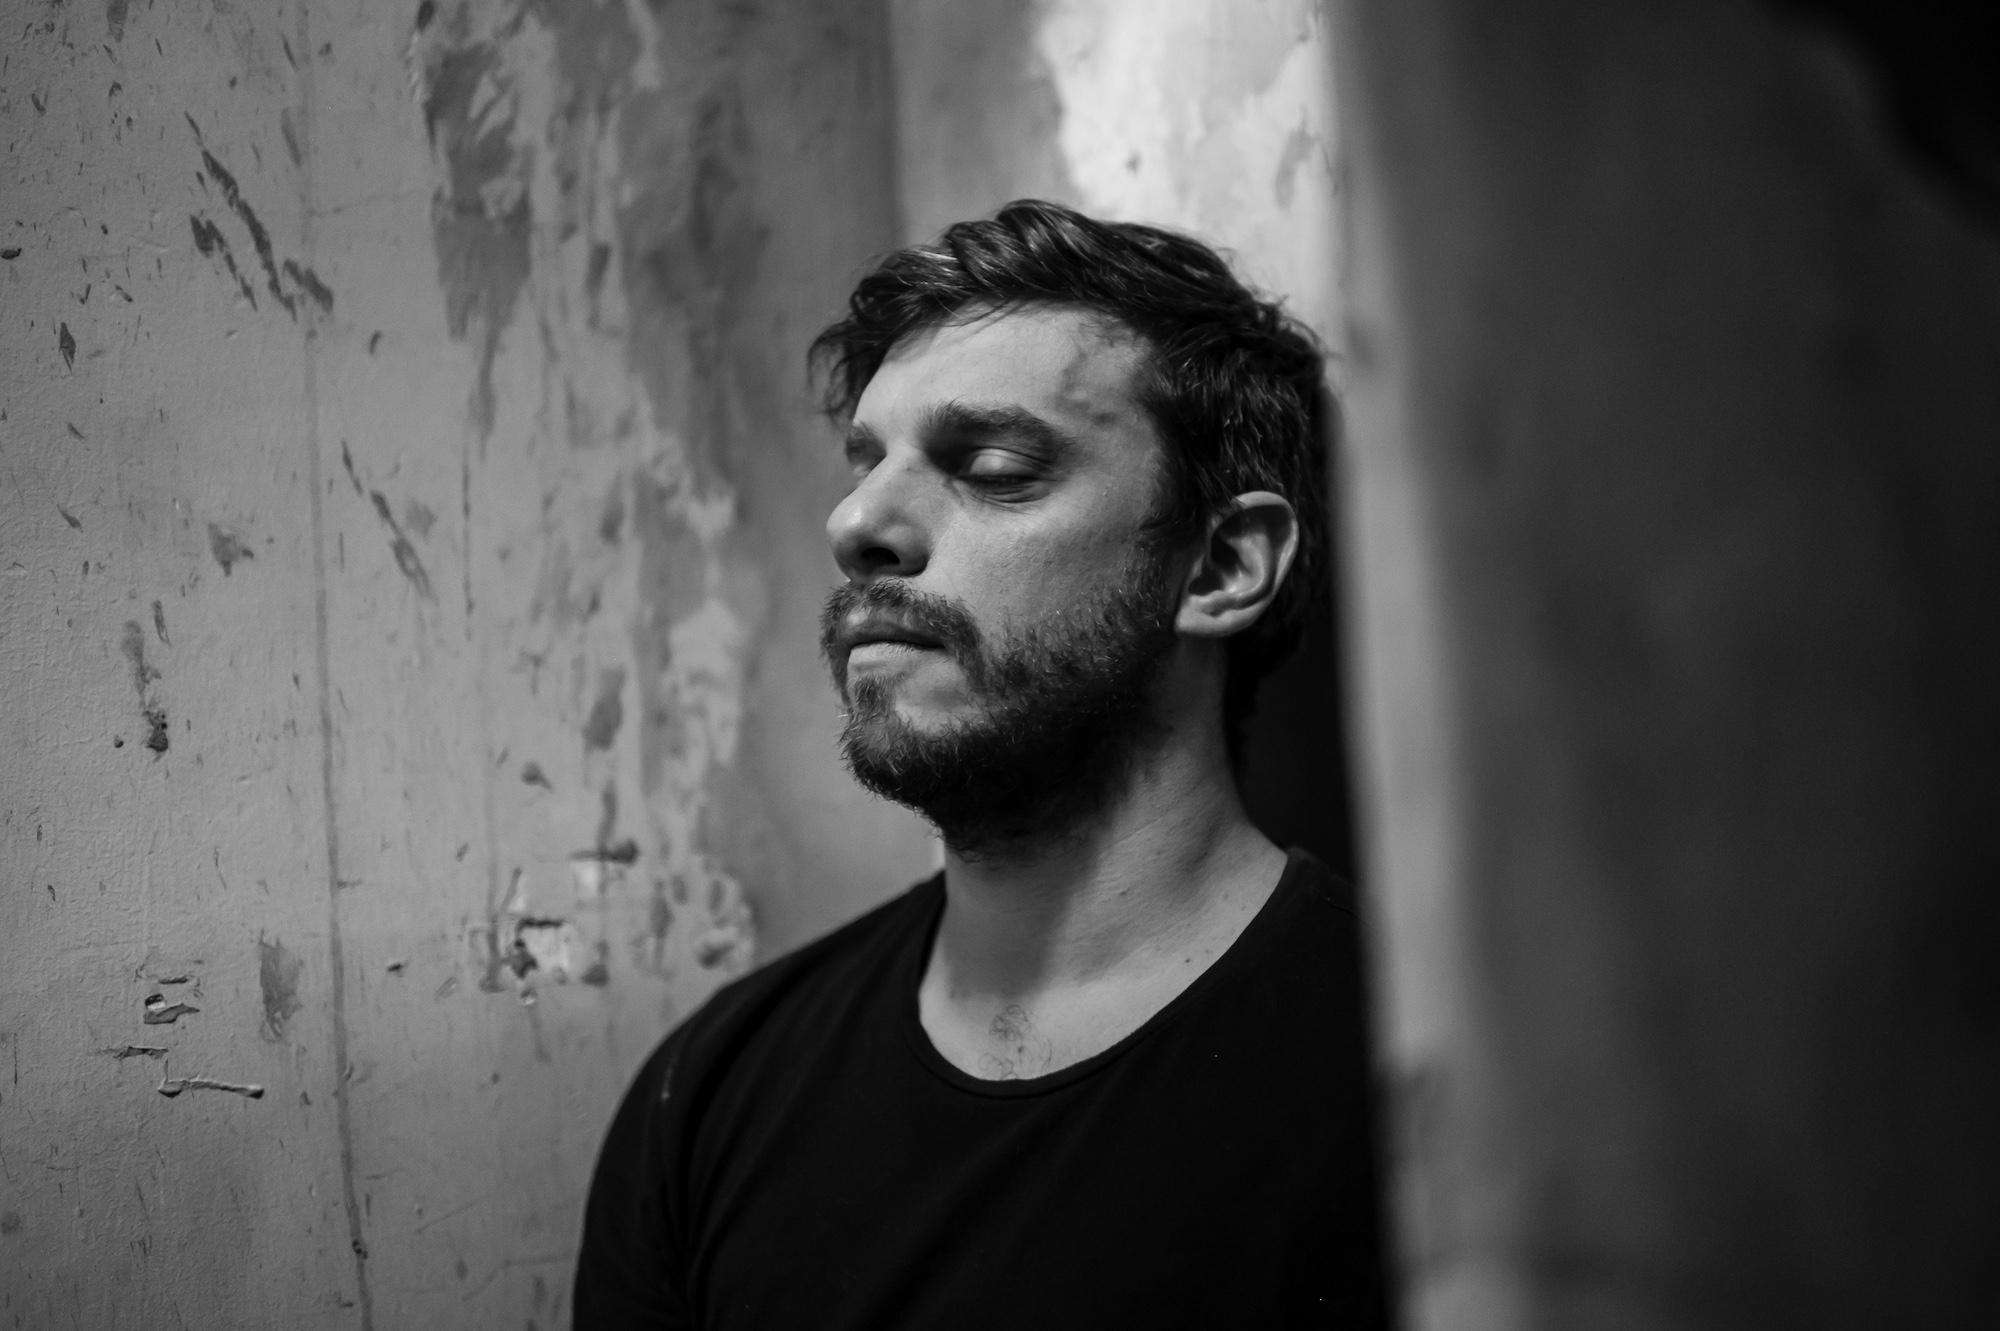 El compositor José Tomás Molina sorprende con soundtrack original para cortometraje 'Bendición', de Herman Choque y logra tercera nominación a los Premios Pulsar